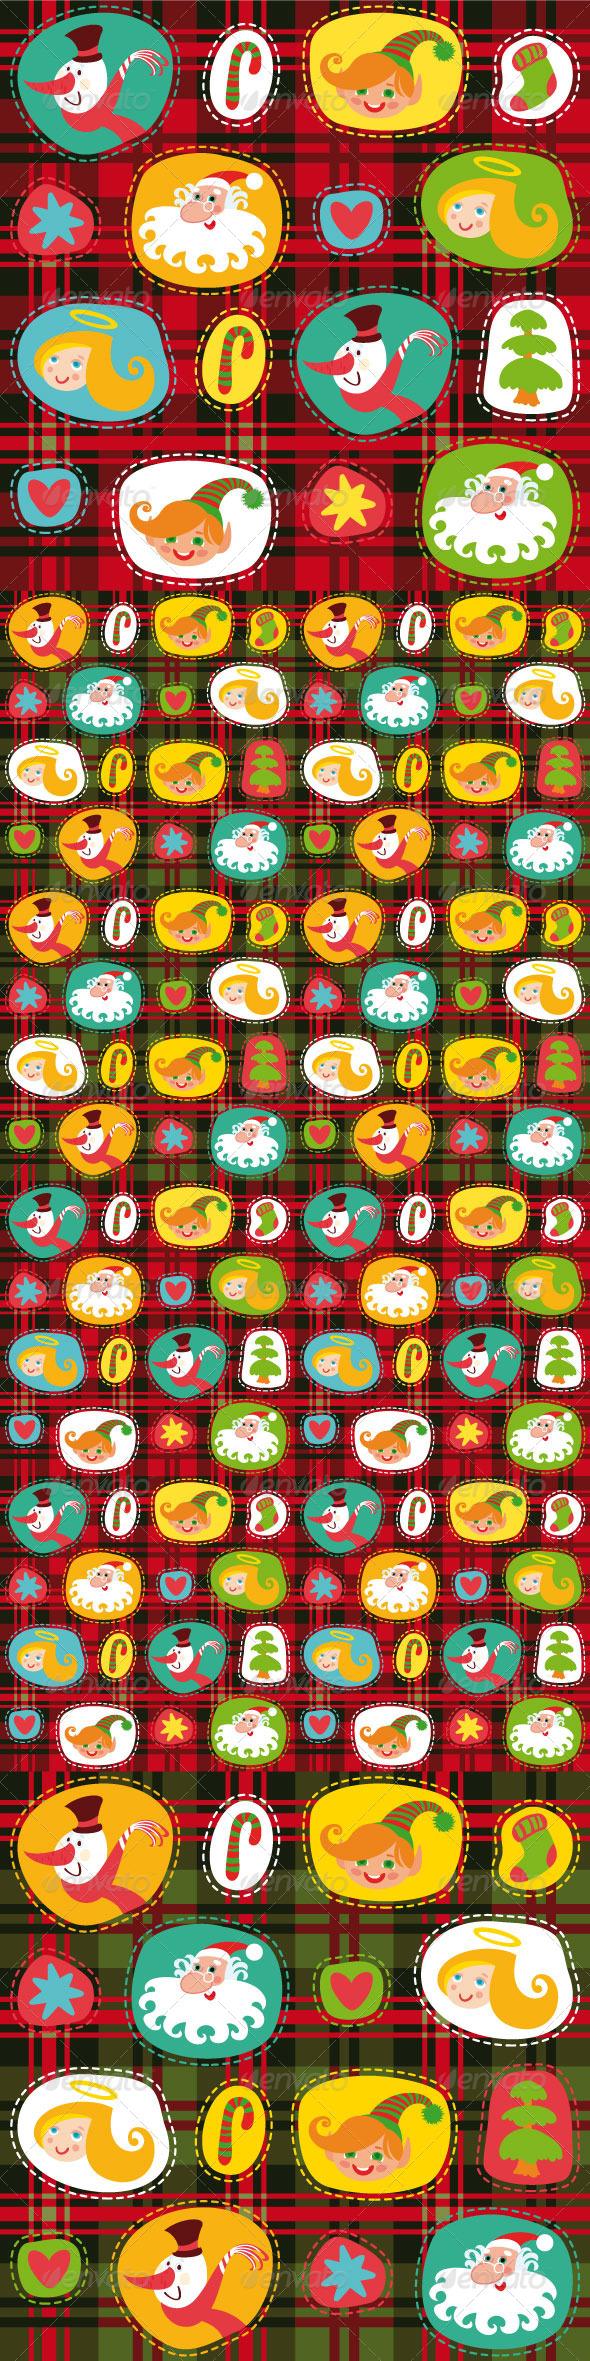 GraphicRiver Christmas Plaid 5446798